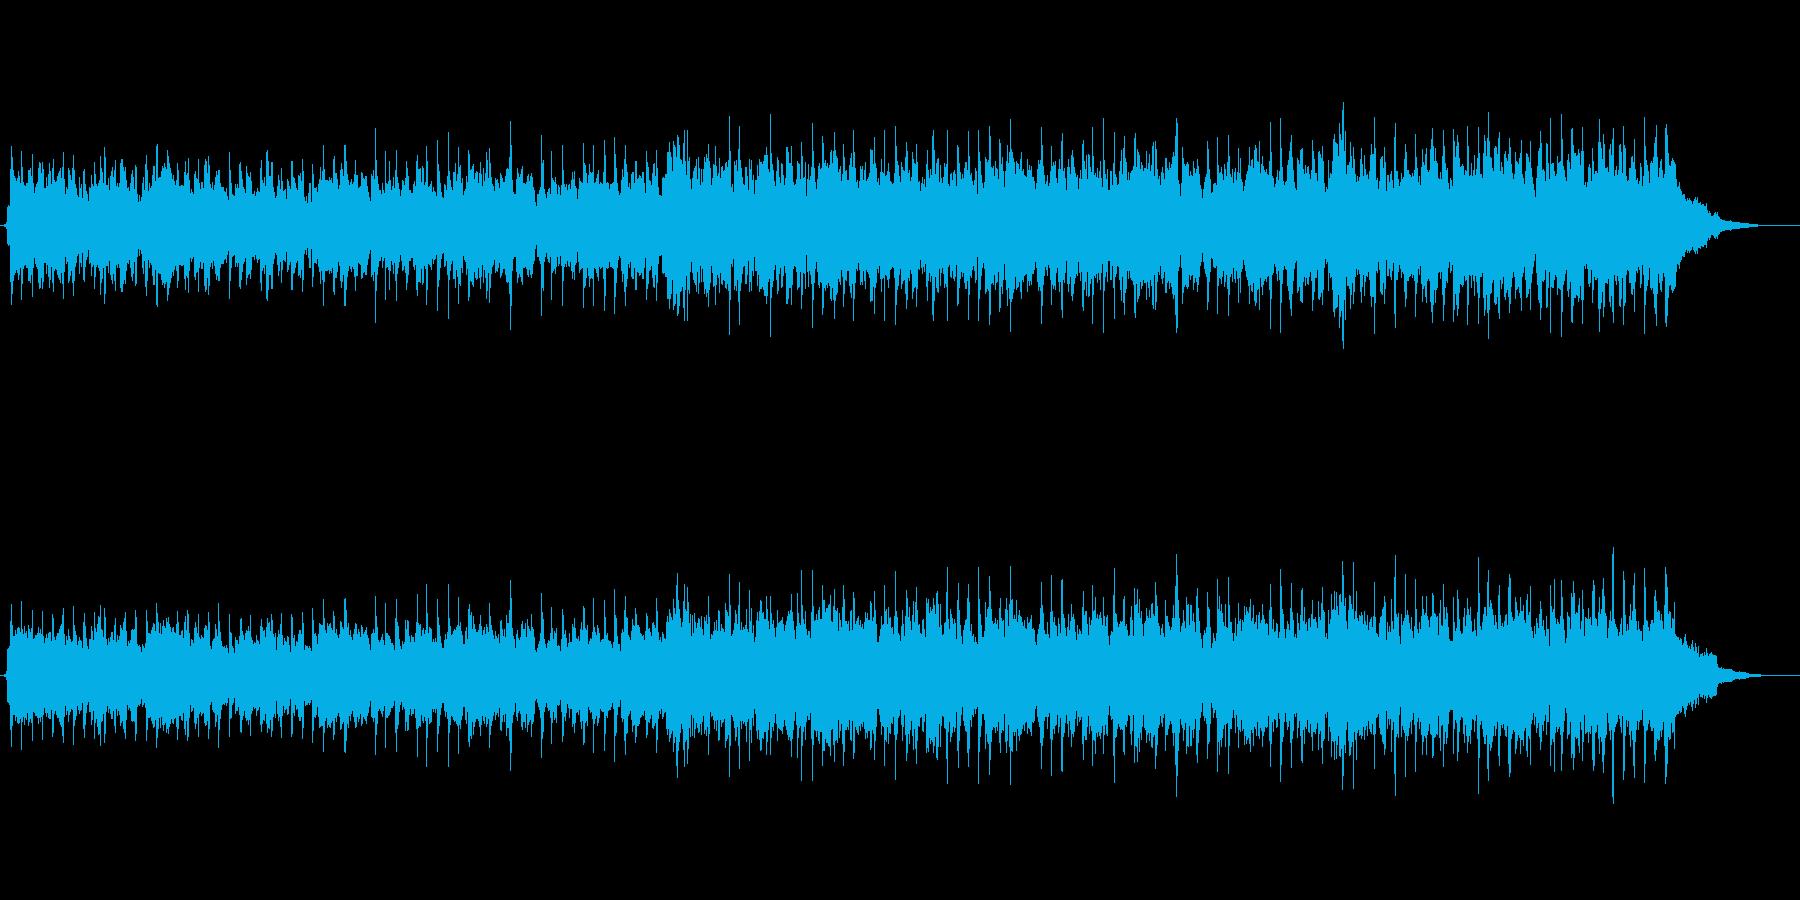 この伝統的なケルト/アイルランドの...の再生済みの波形